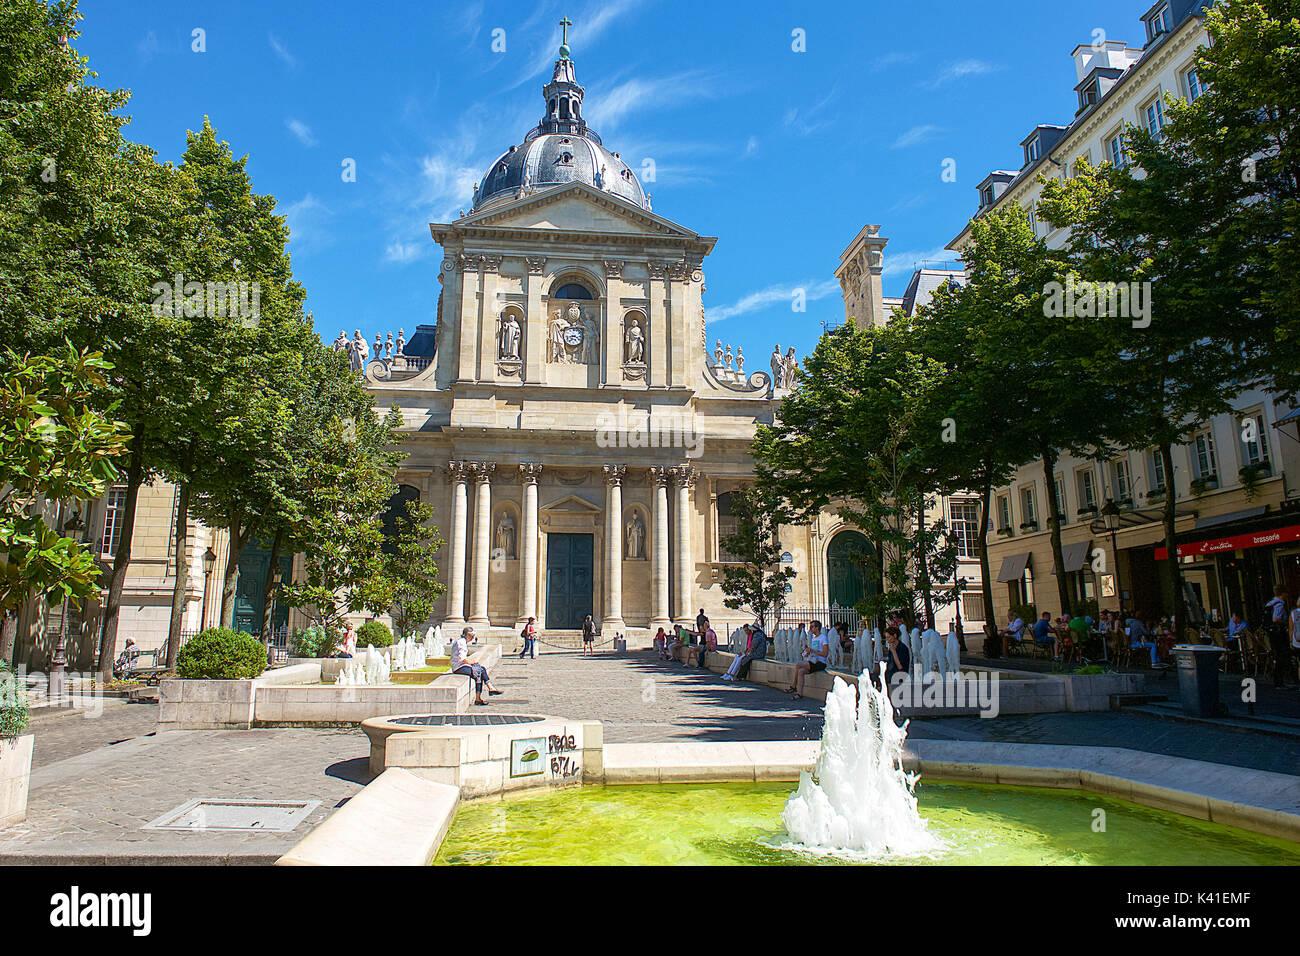 Sorbonne University,Paris,France - Stock Image